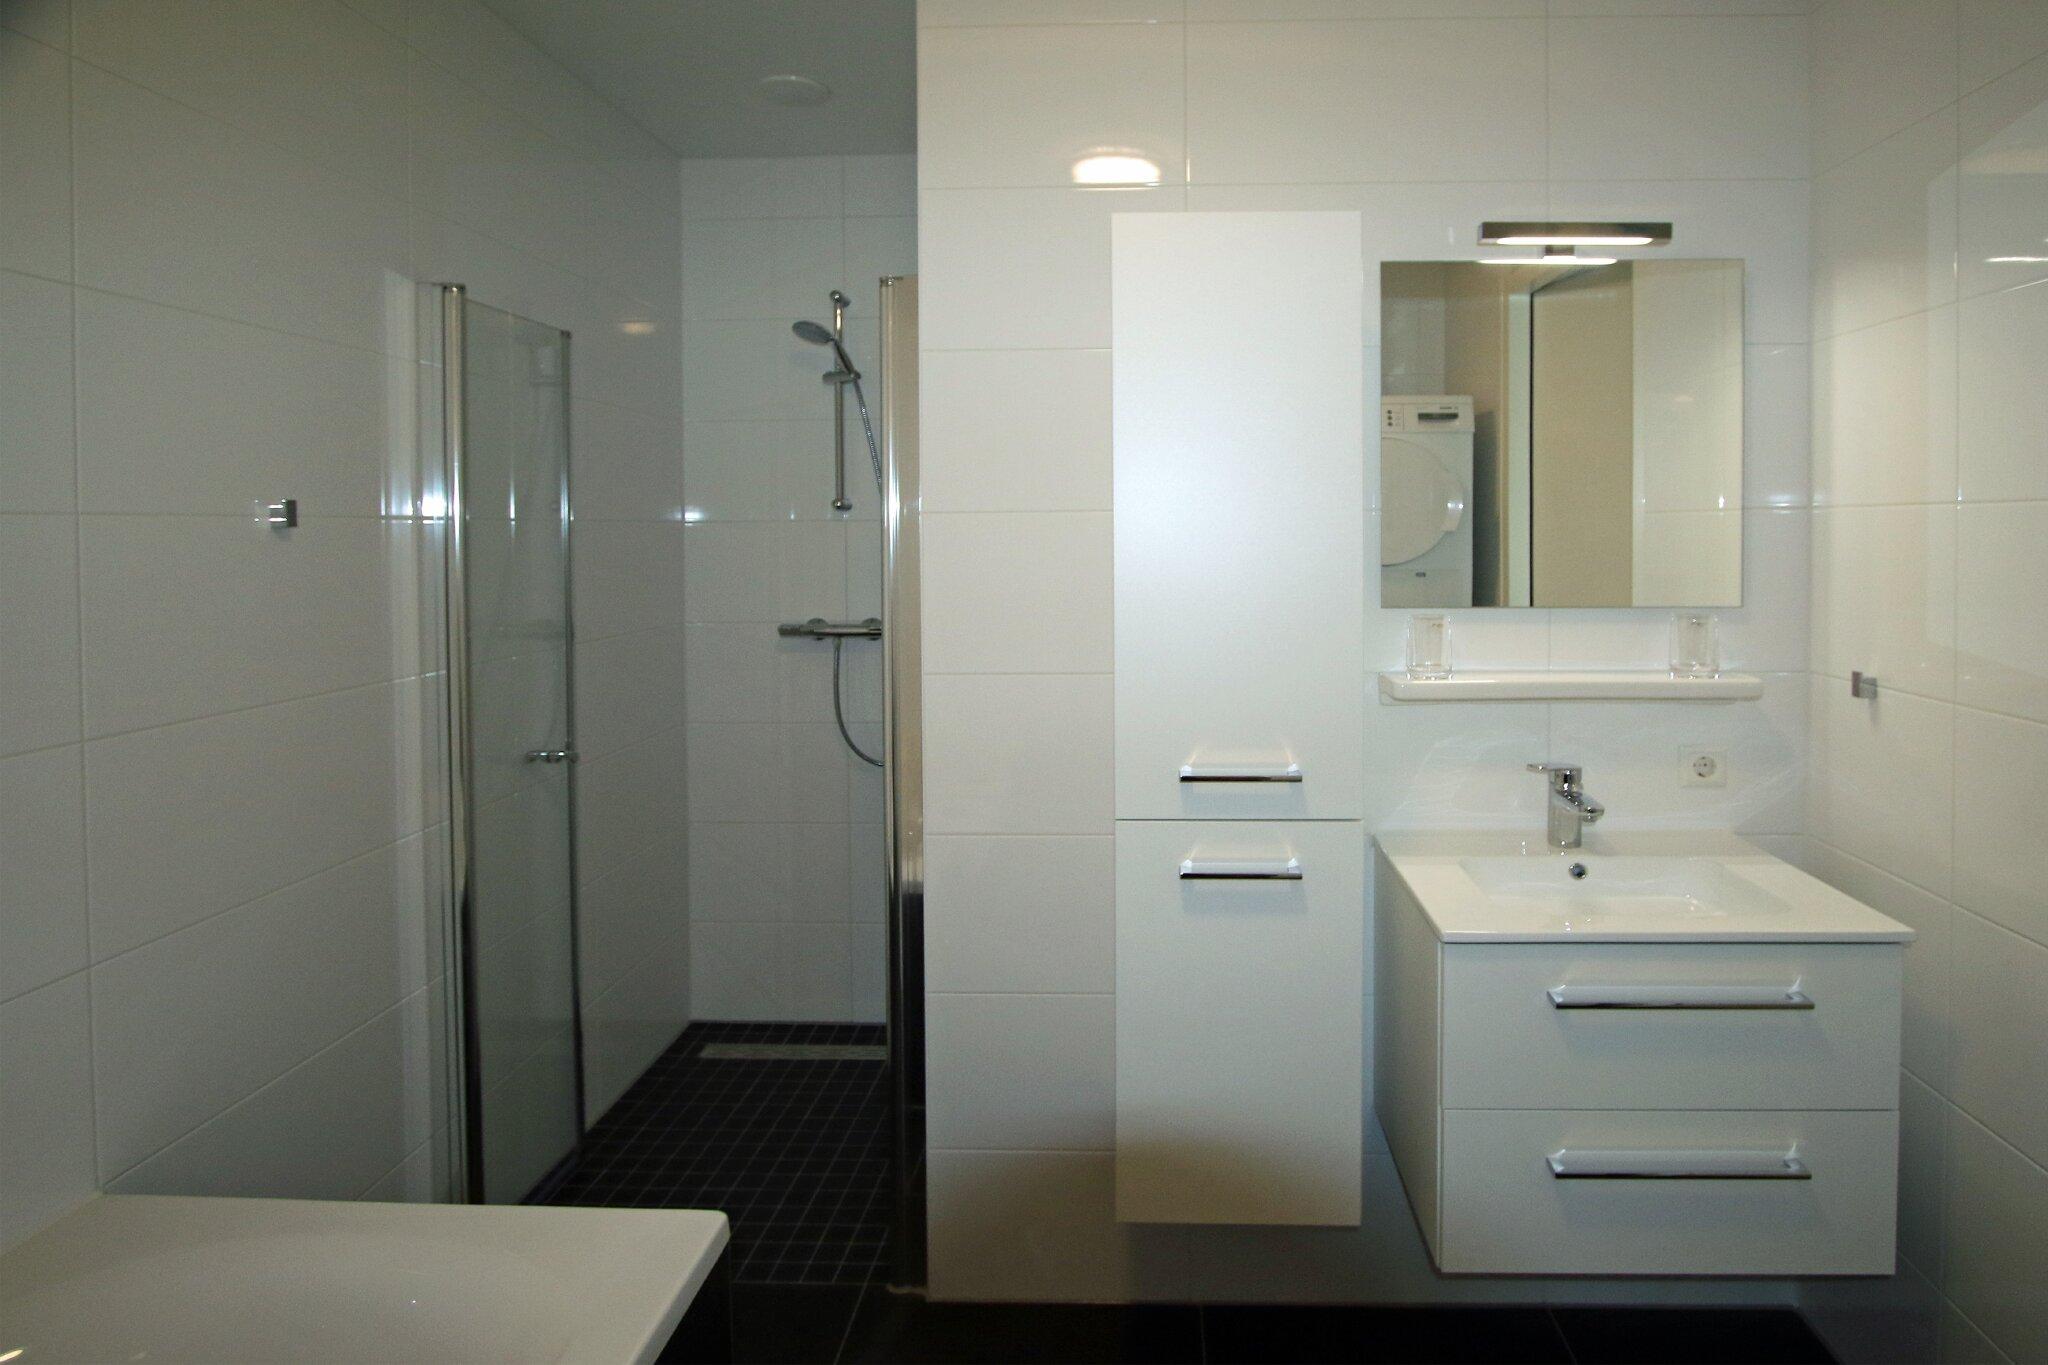 Badezimmer mit Dische und Whirlpoolbad